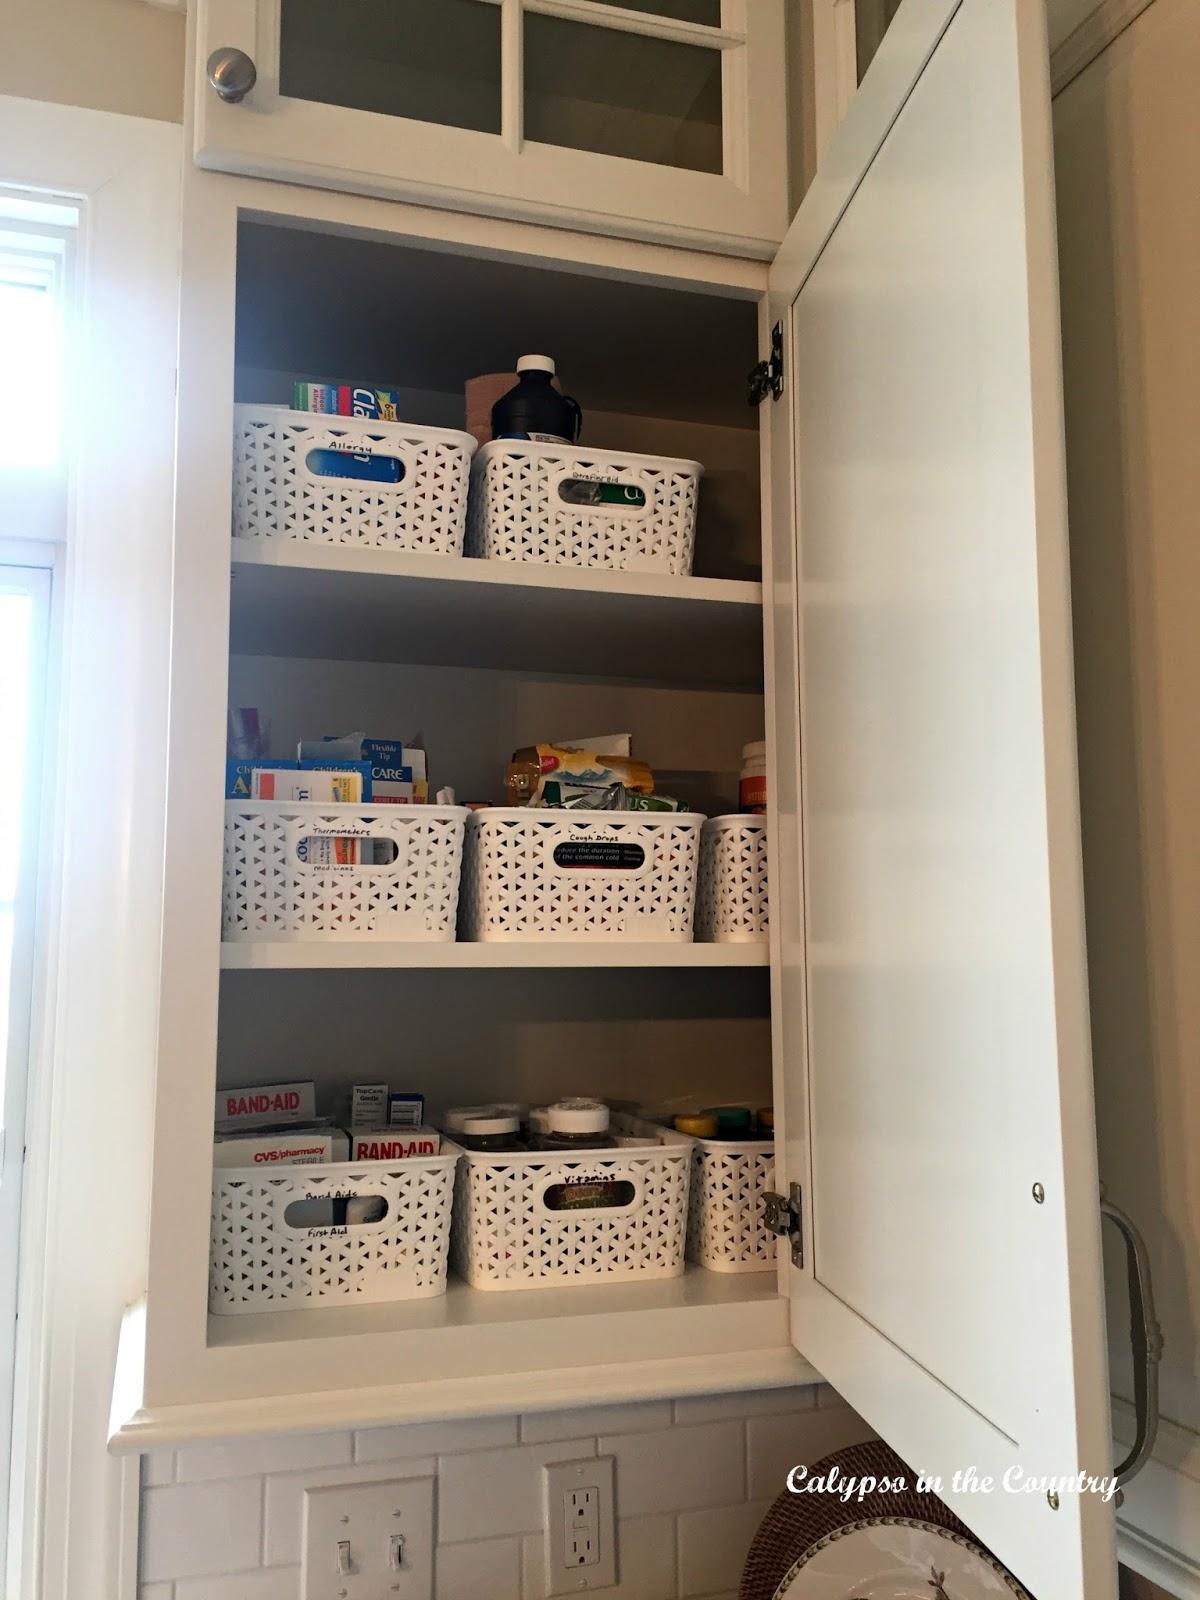 Storage Bins in the Kitchen